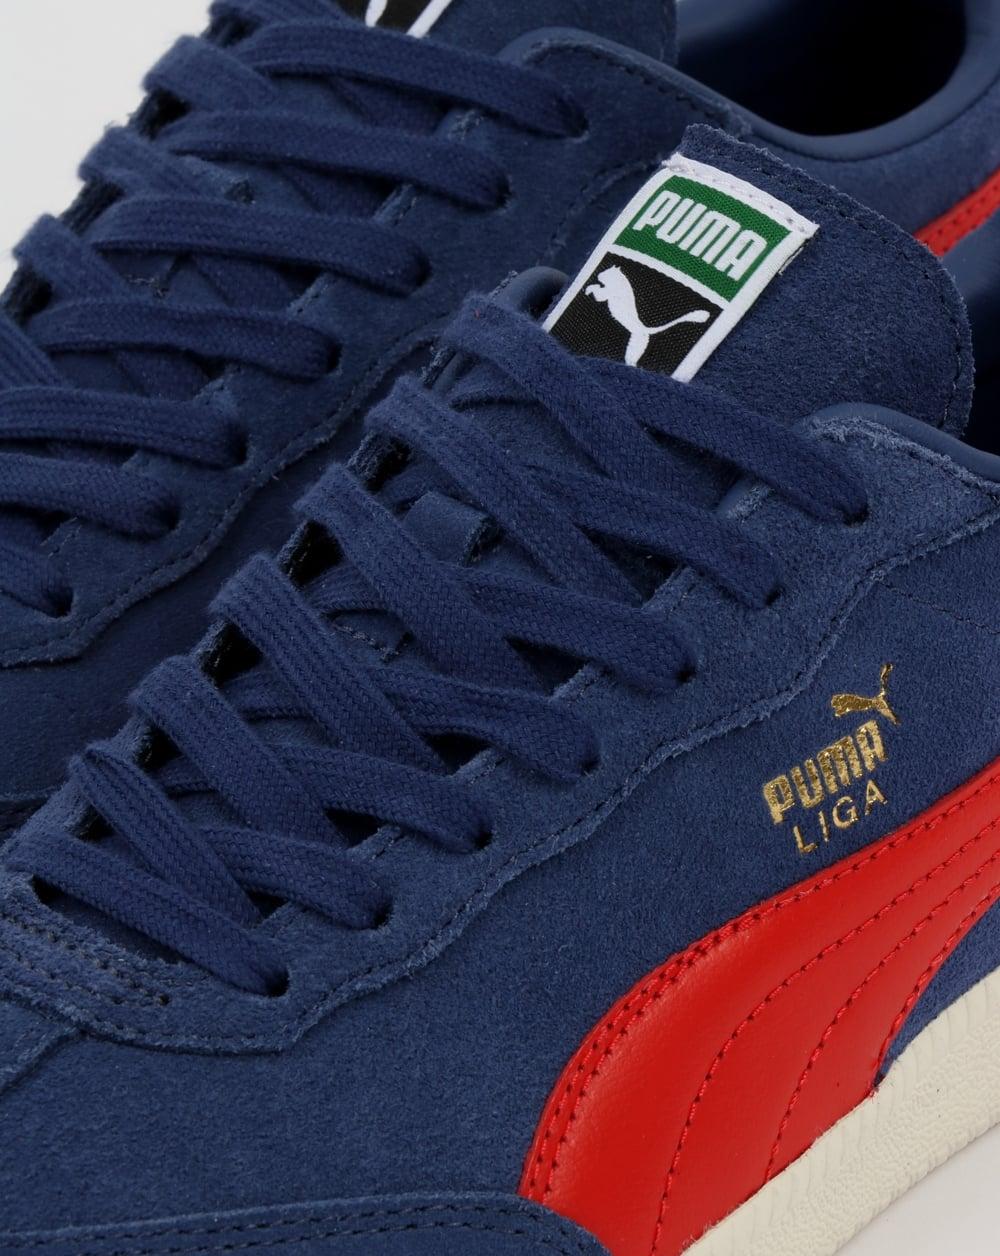 daaa931b52fb3a Puma Liga Suede Trainers Blue Indigo Flame Scarlet